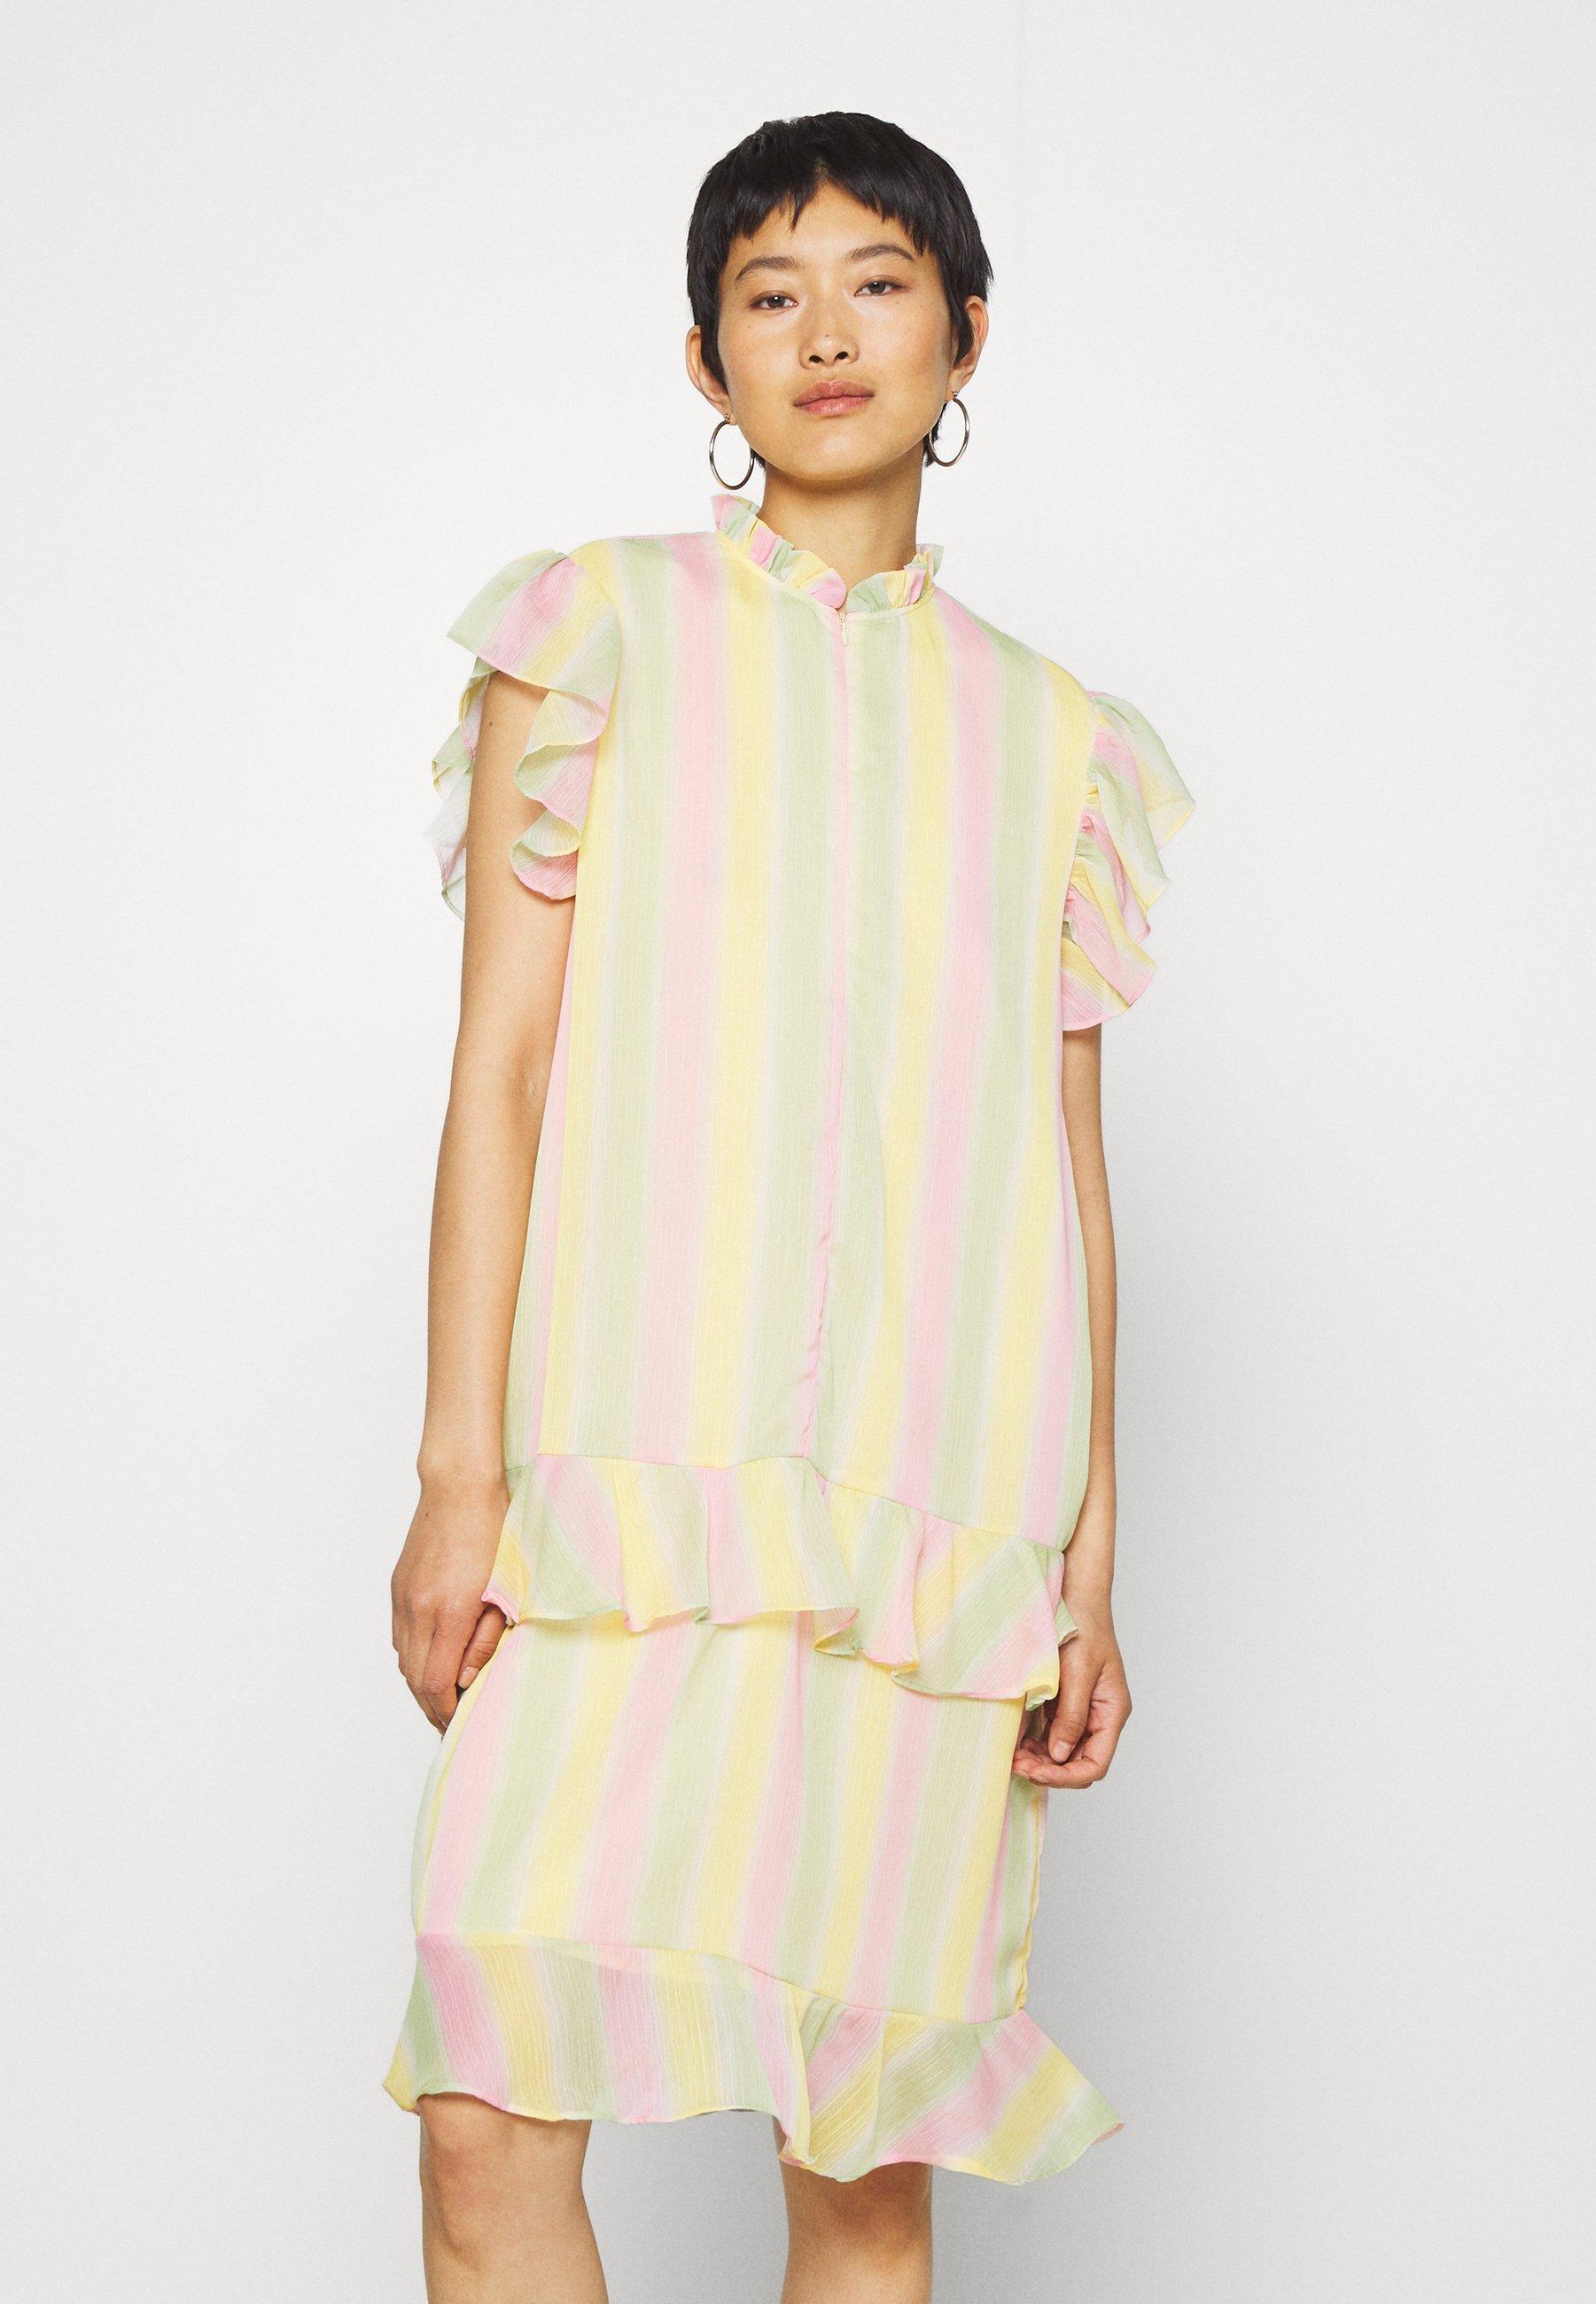 Niesamowita cena Duża obniżka HOSBJERG STINA DRESS - Sukienka letnia - multi-coloured | Odzież damska 2020 oi239